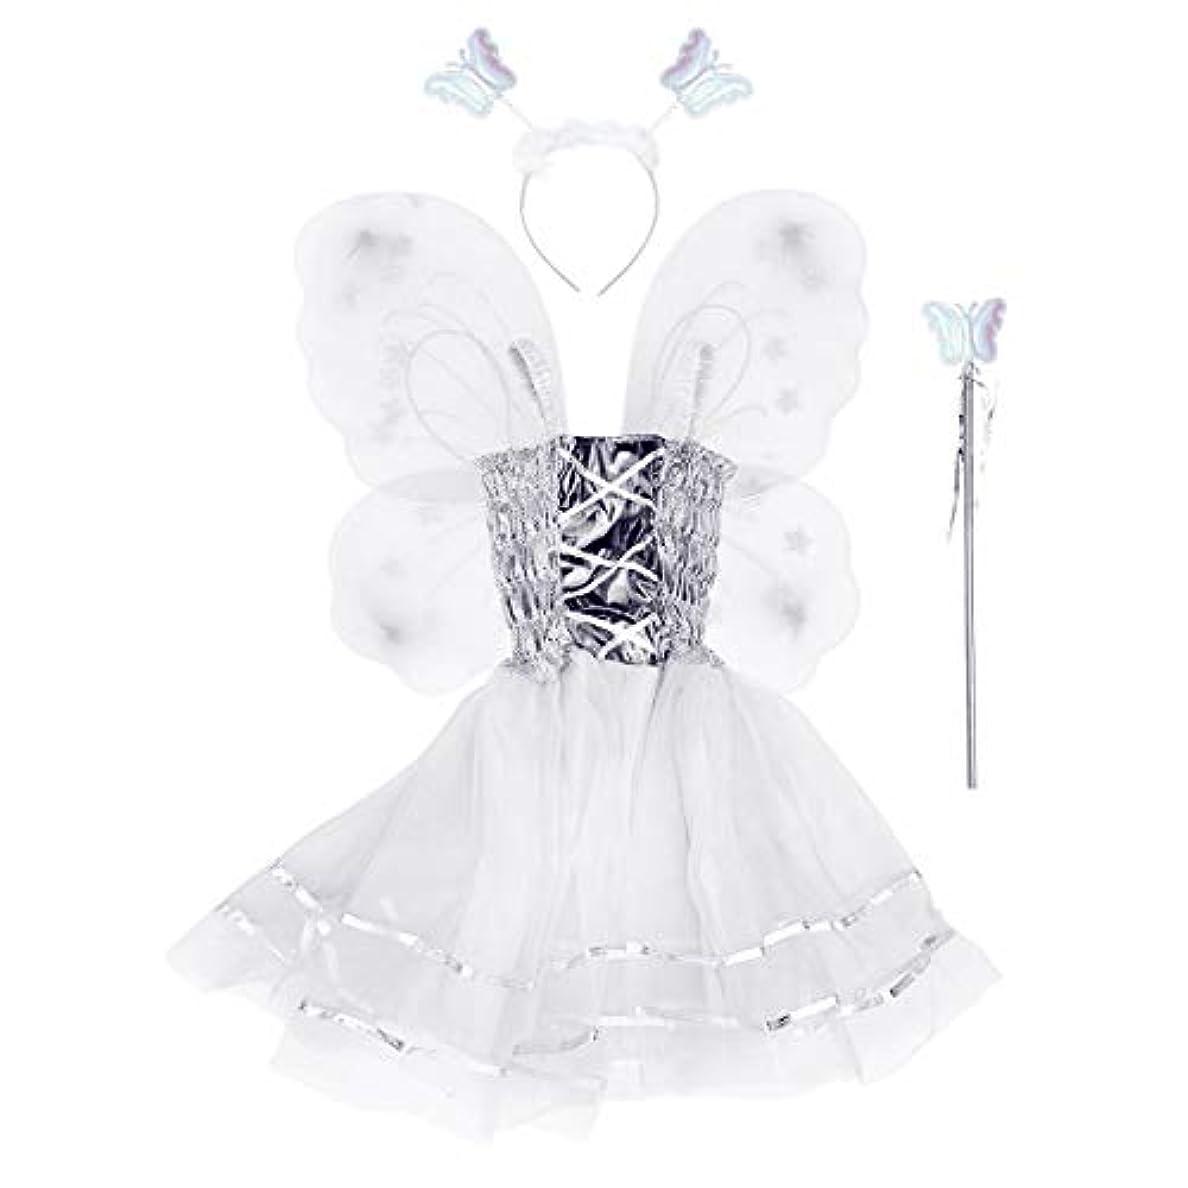 よりクラウン序文BESTOYARD 4本の女の子バタフライプリンセス妖精のコスチュームセット蝶の羽、ワンド、ヘッドバンドとツツードレス(ホワイト)